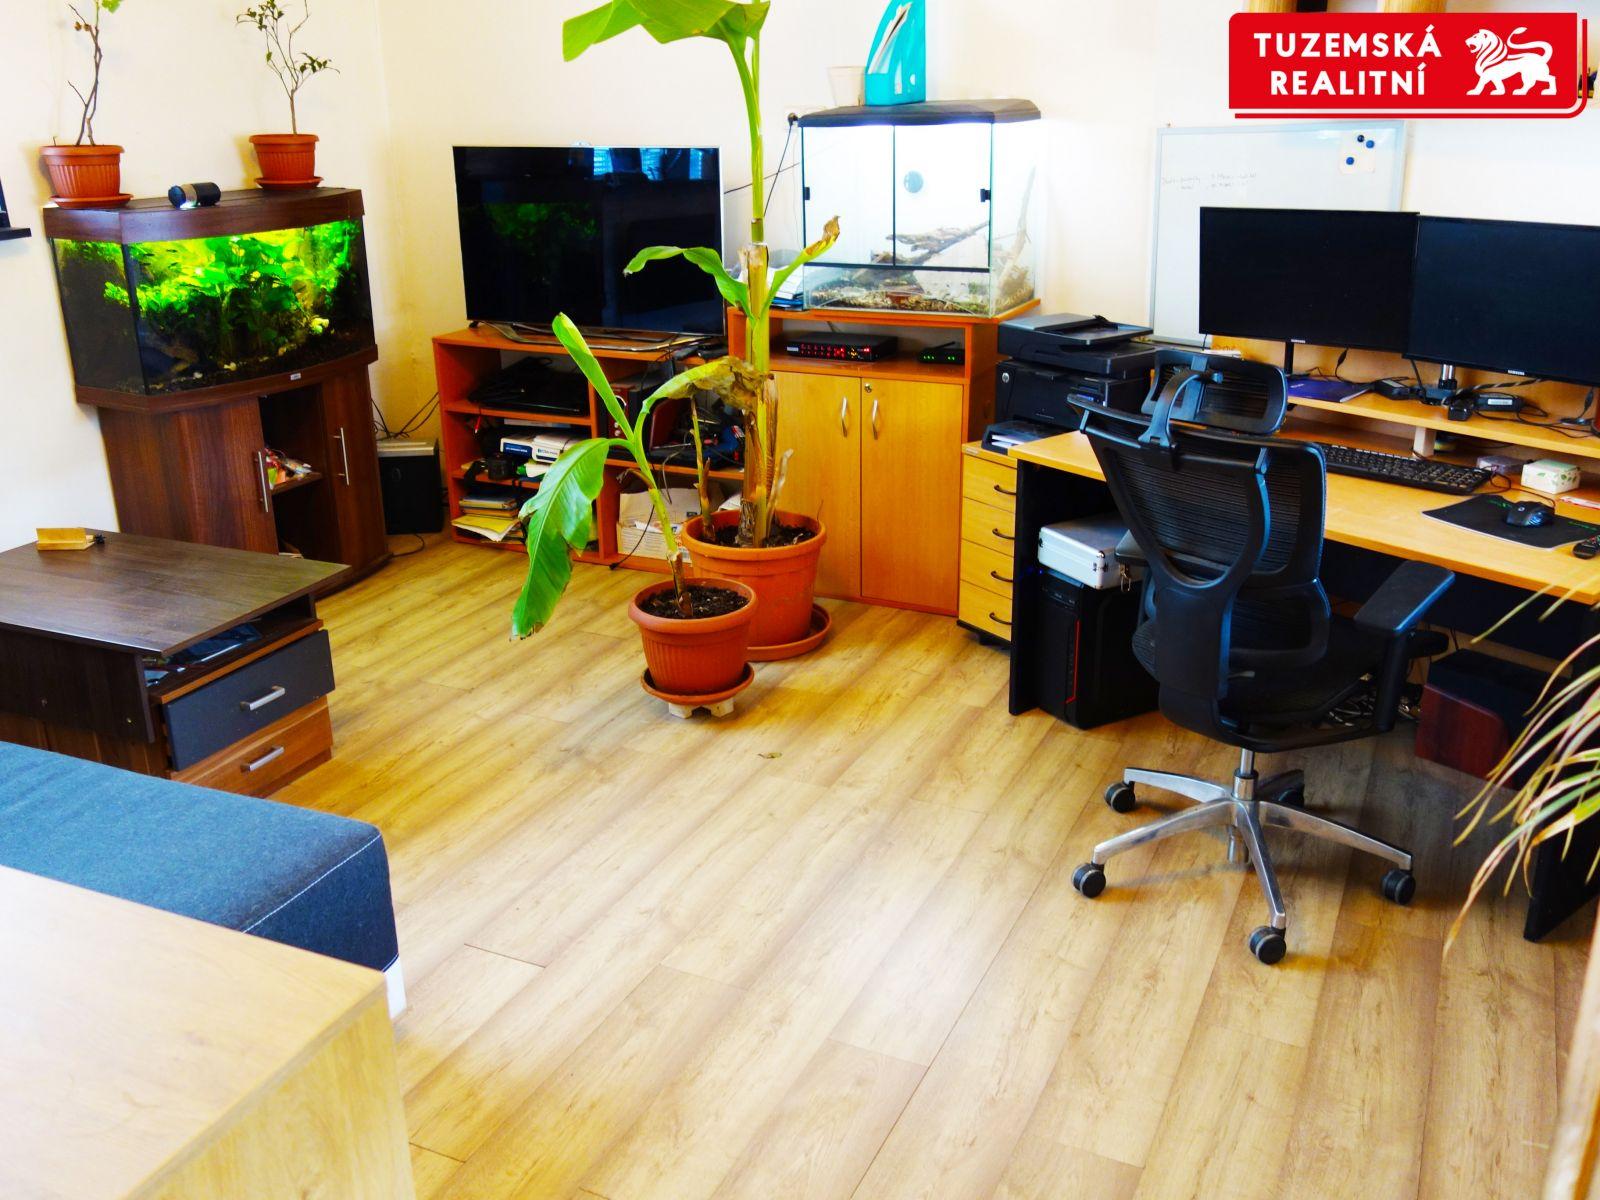 Výrobní prostory, skladové prostory, kancelářské prostory a rozestavěný objekt k bydlení